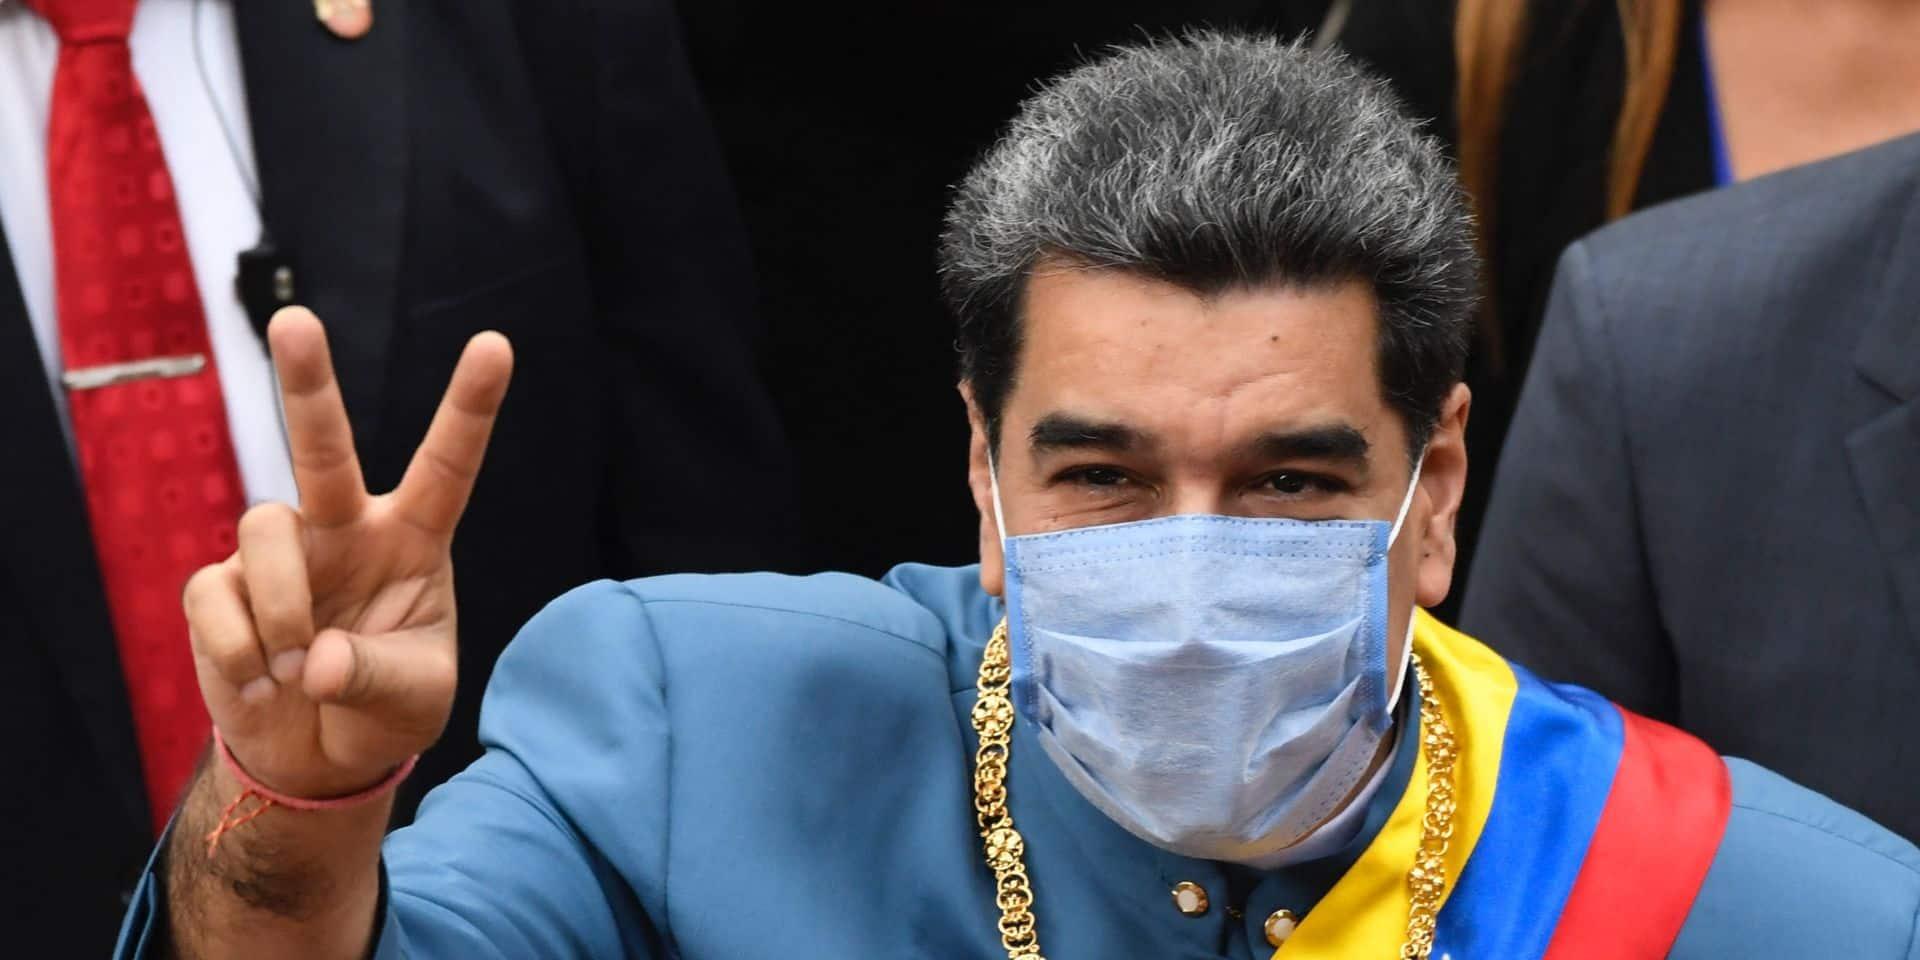 Le président Nicolas Maduro dirige le pays d'une main de fer depuis 2013.